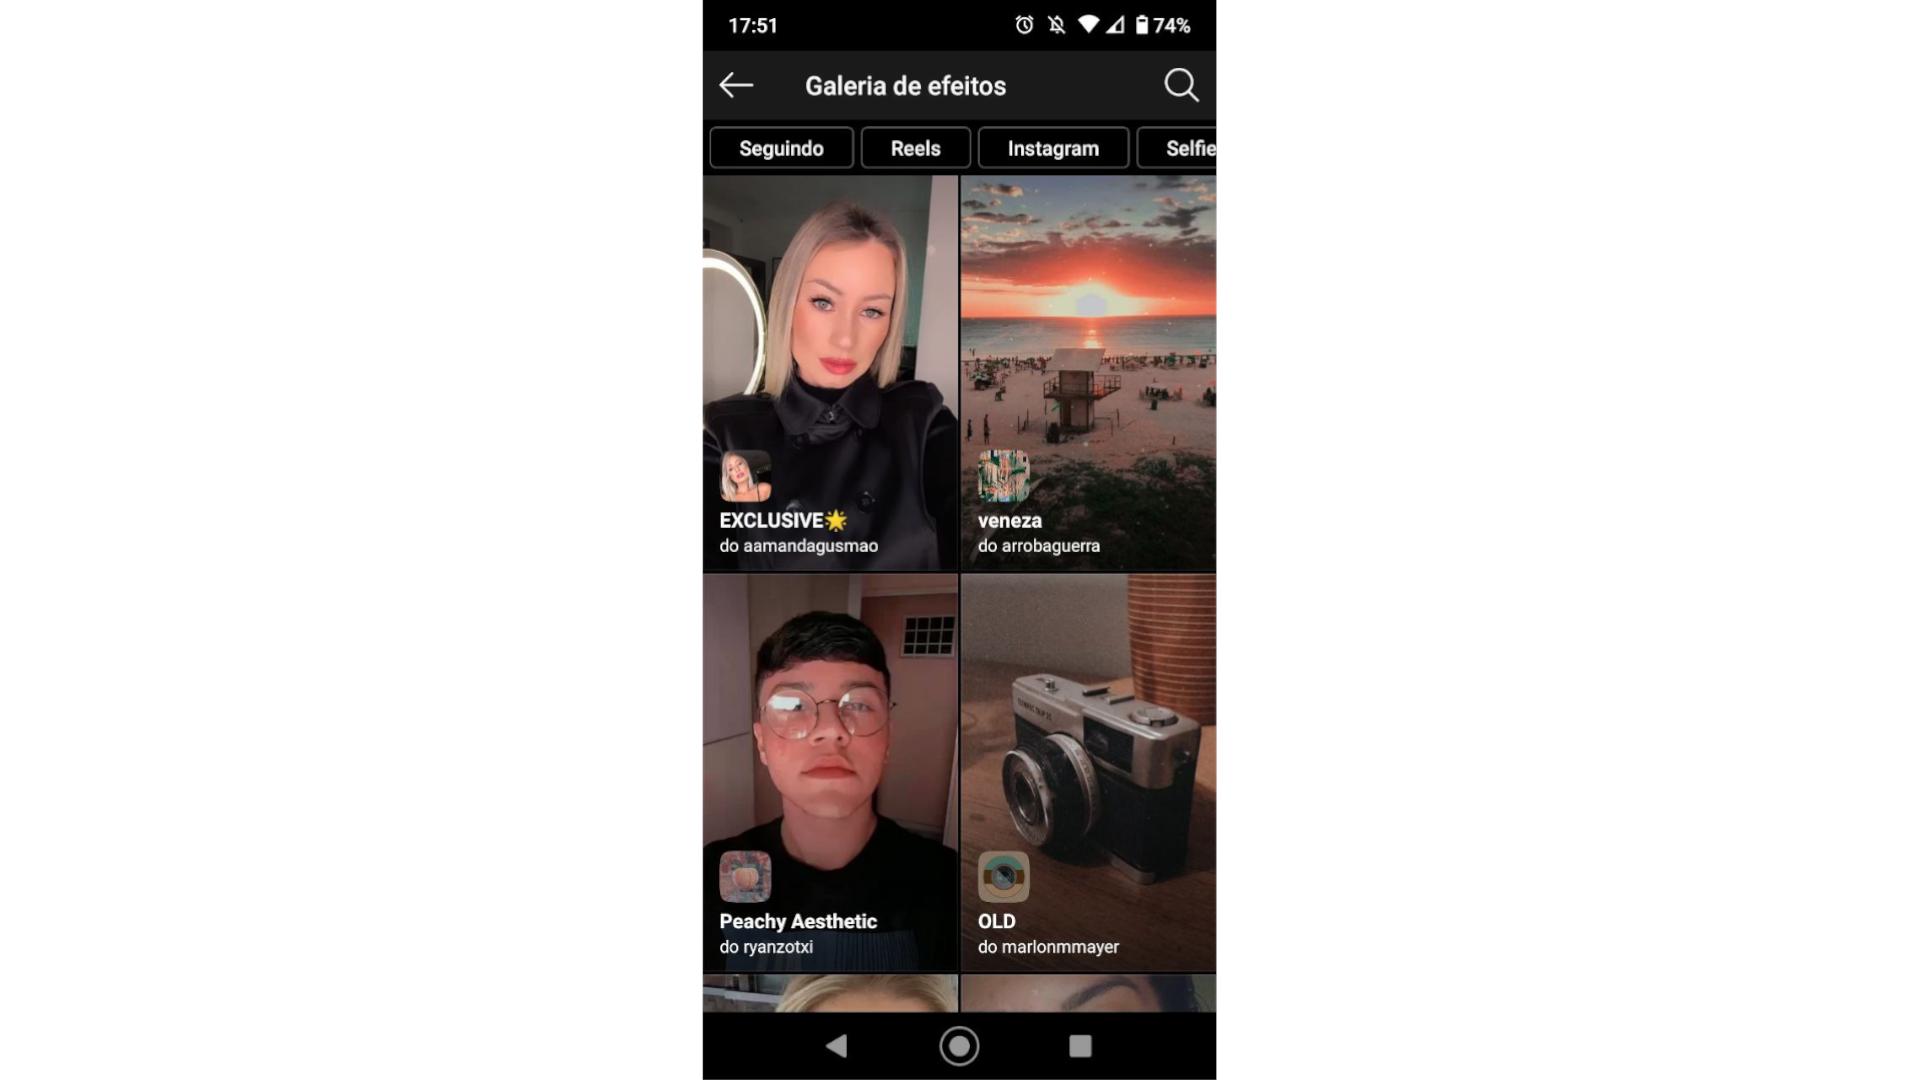 Reprodução de tela de celular do aplicativo Instagram na página de galeria de efeitos e filtros de Instagram